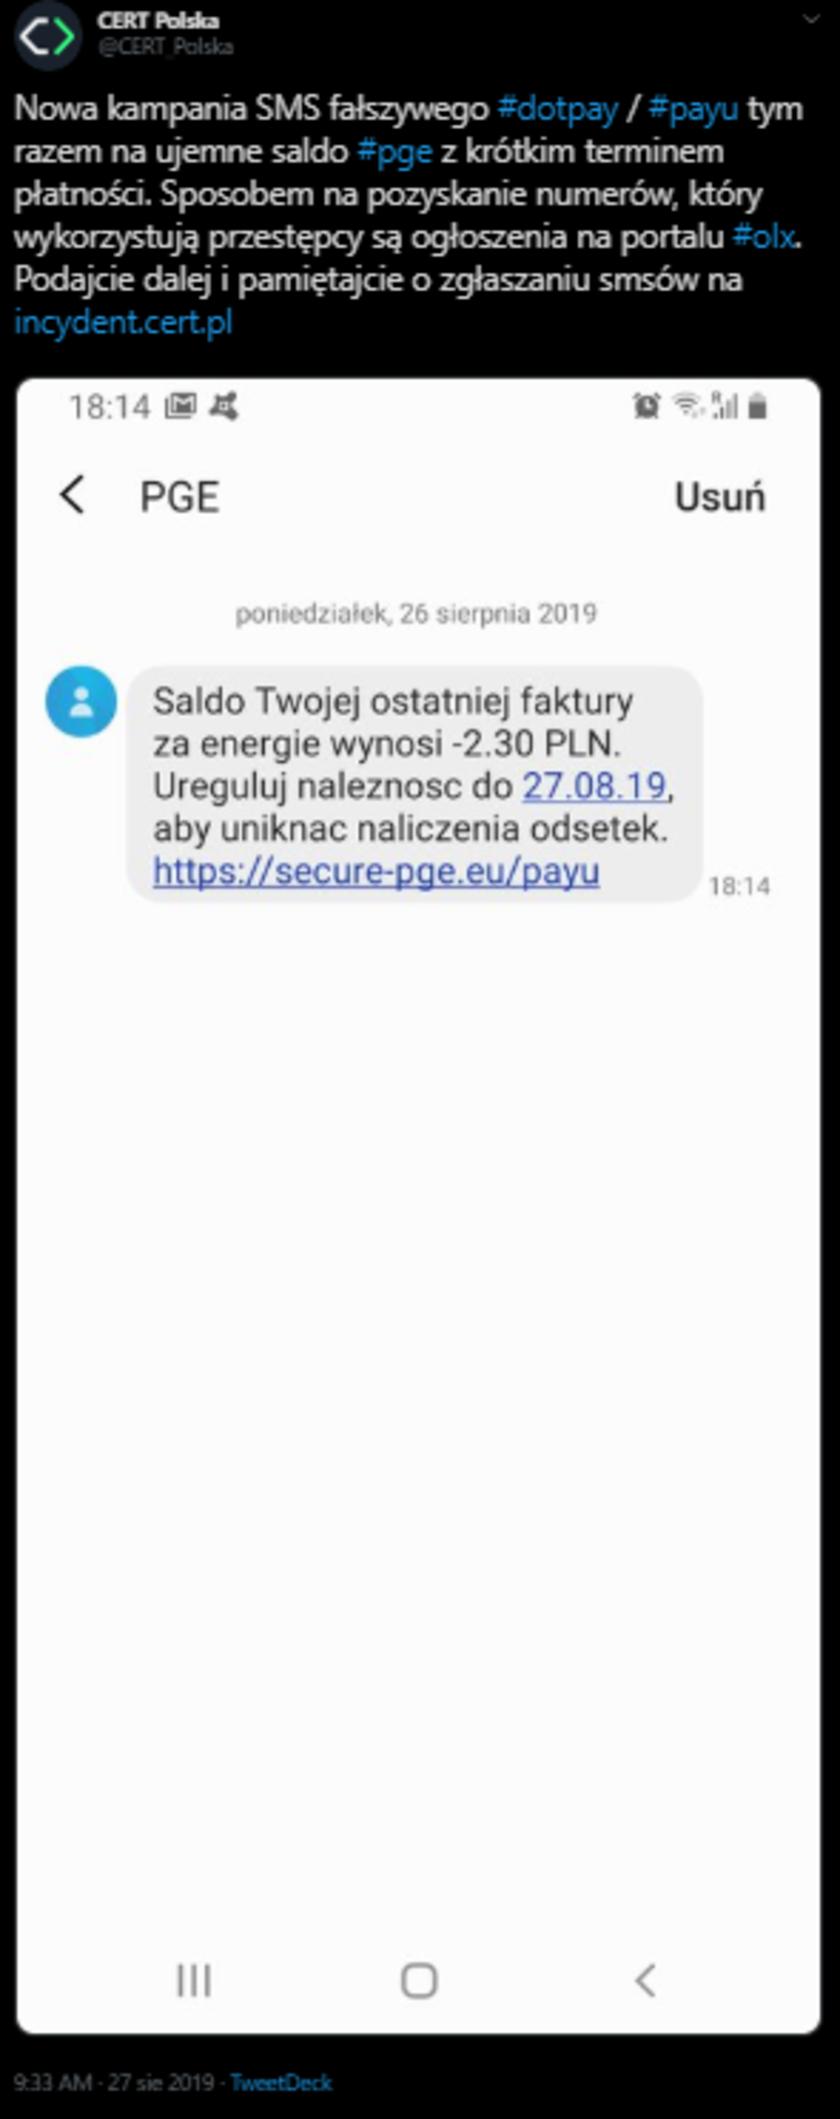 PGE nie rozsyła takich SMS-ów